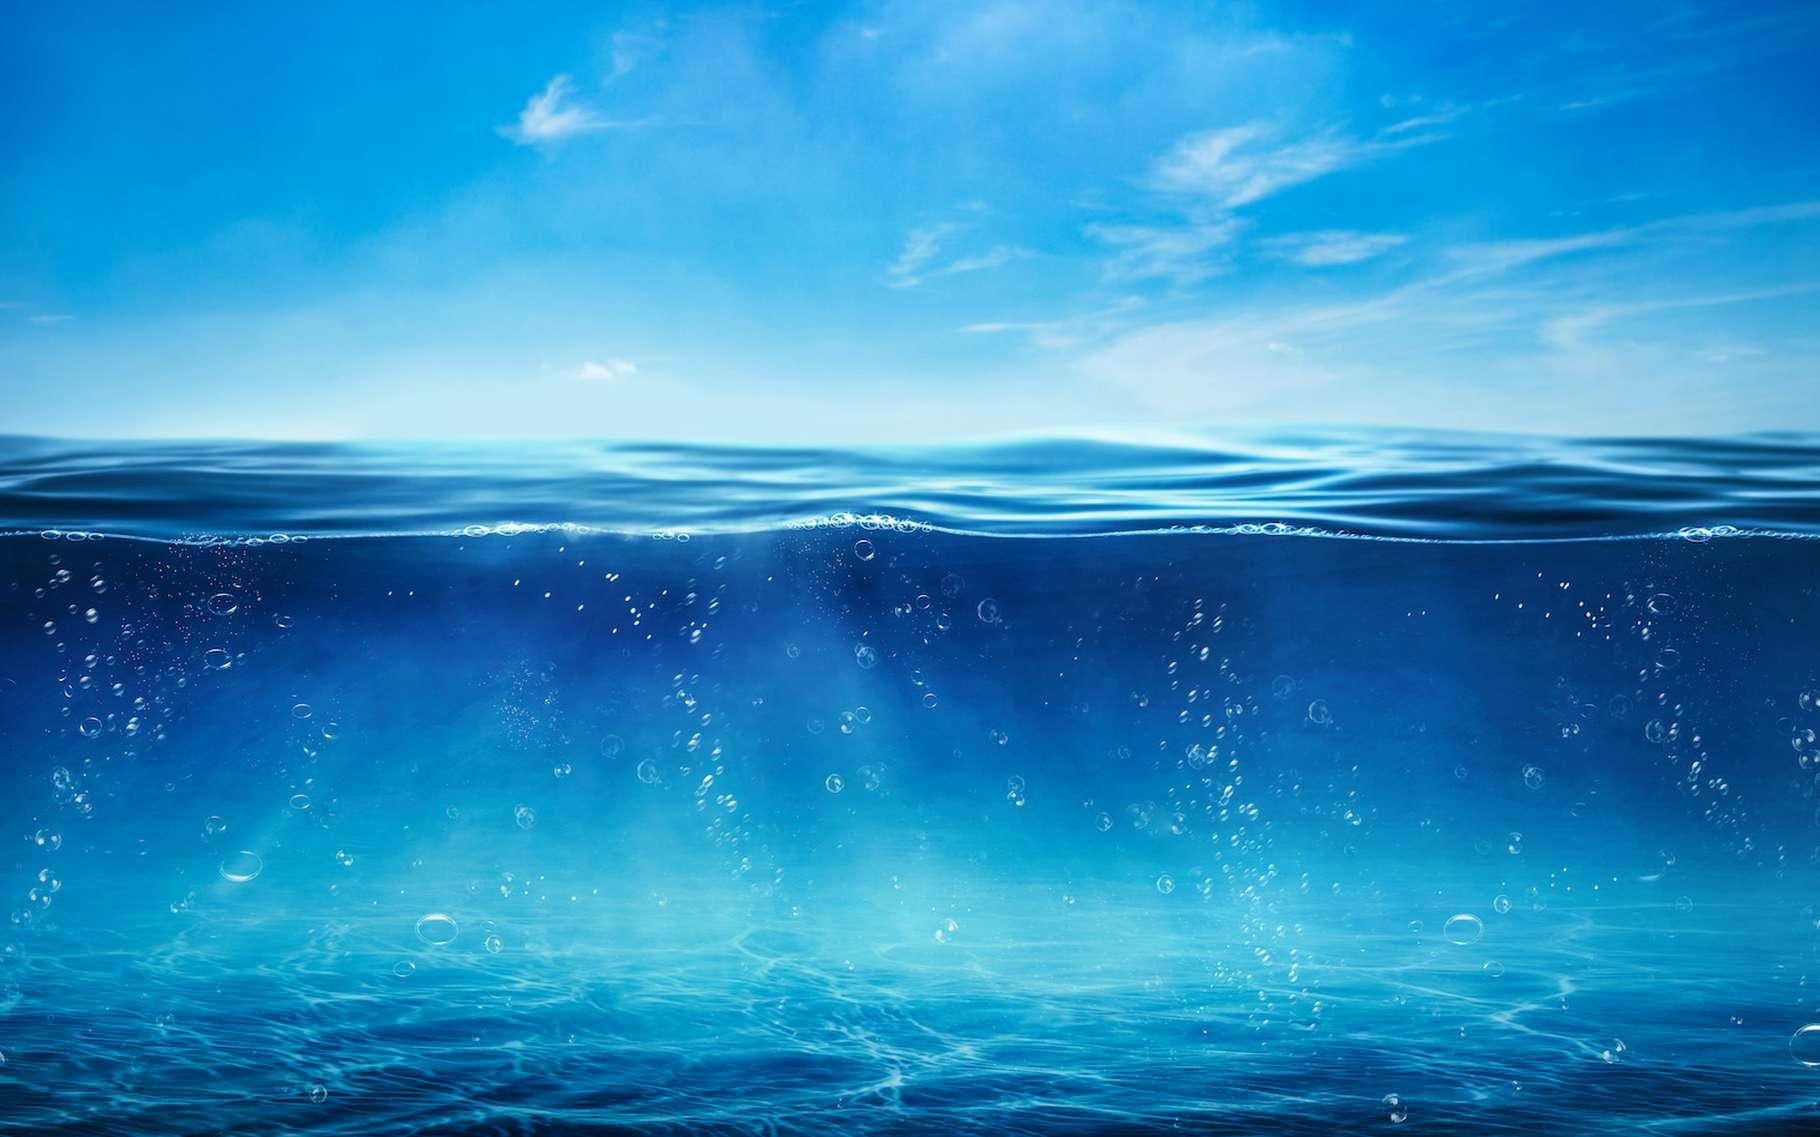 Des chercheurs de l'université d'Exeter (Royaume-Uni) estiment que les océans absorbent plus de CO2 que ce que la plupart des modèles suggèrent. © Sagittarius Pro, Adobe Stock